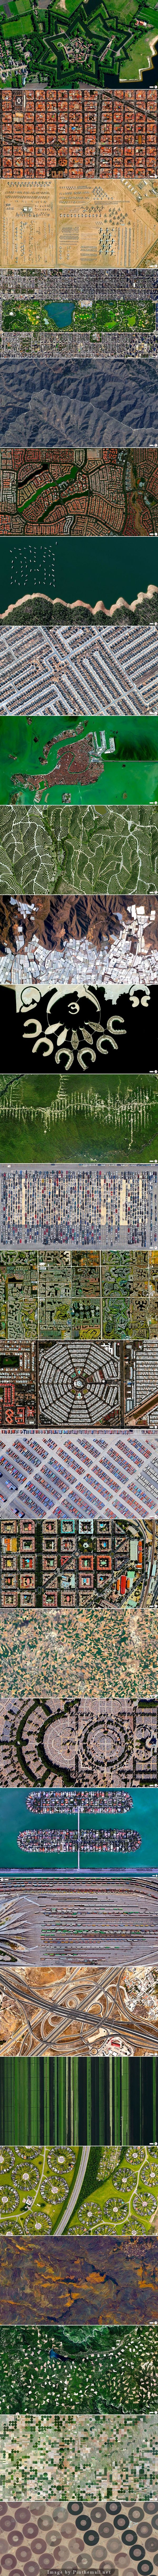 Aerial views 164 best Image Google Earth